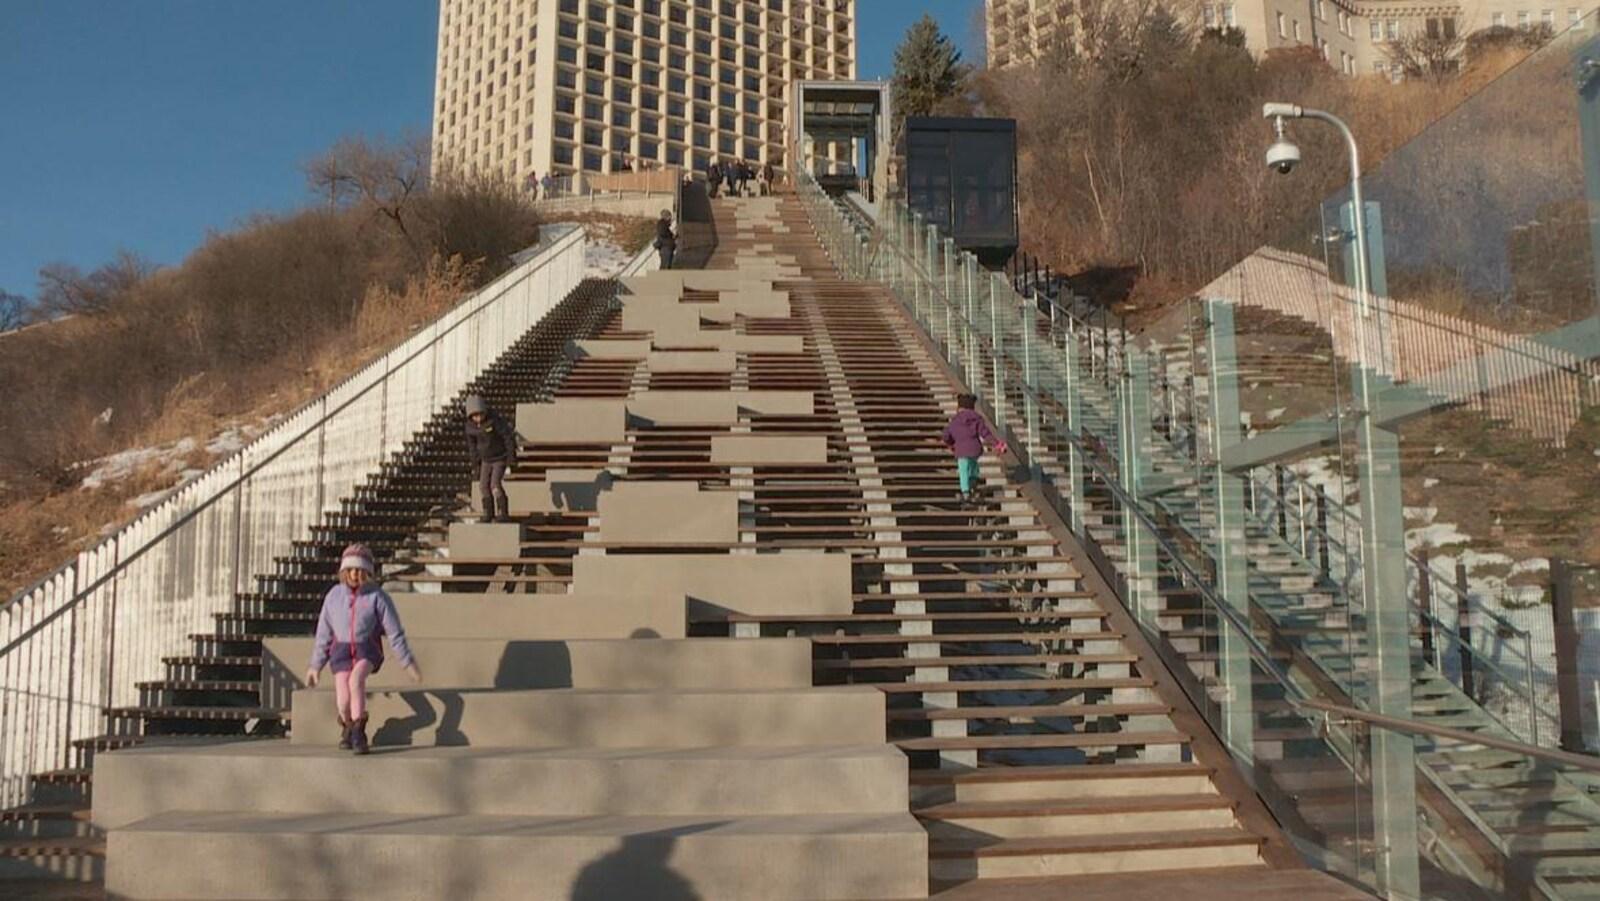 Le funiculaire fonctionne pendant que des enfants montent et descendent un escalier qui se trouve à ses côtés.